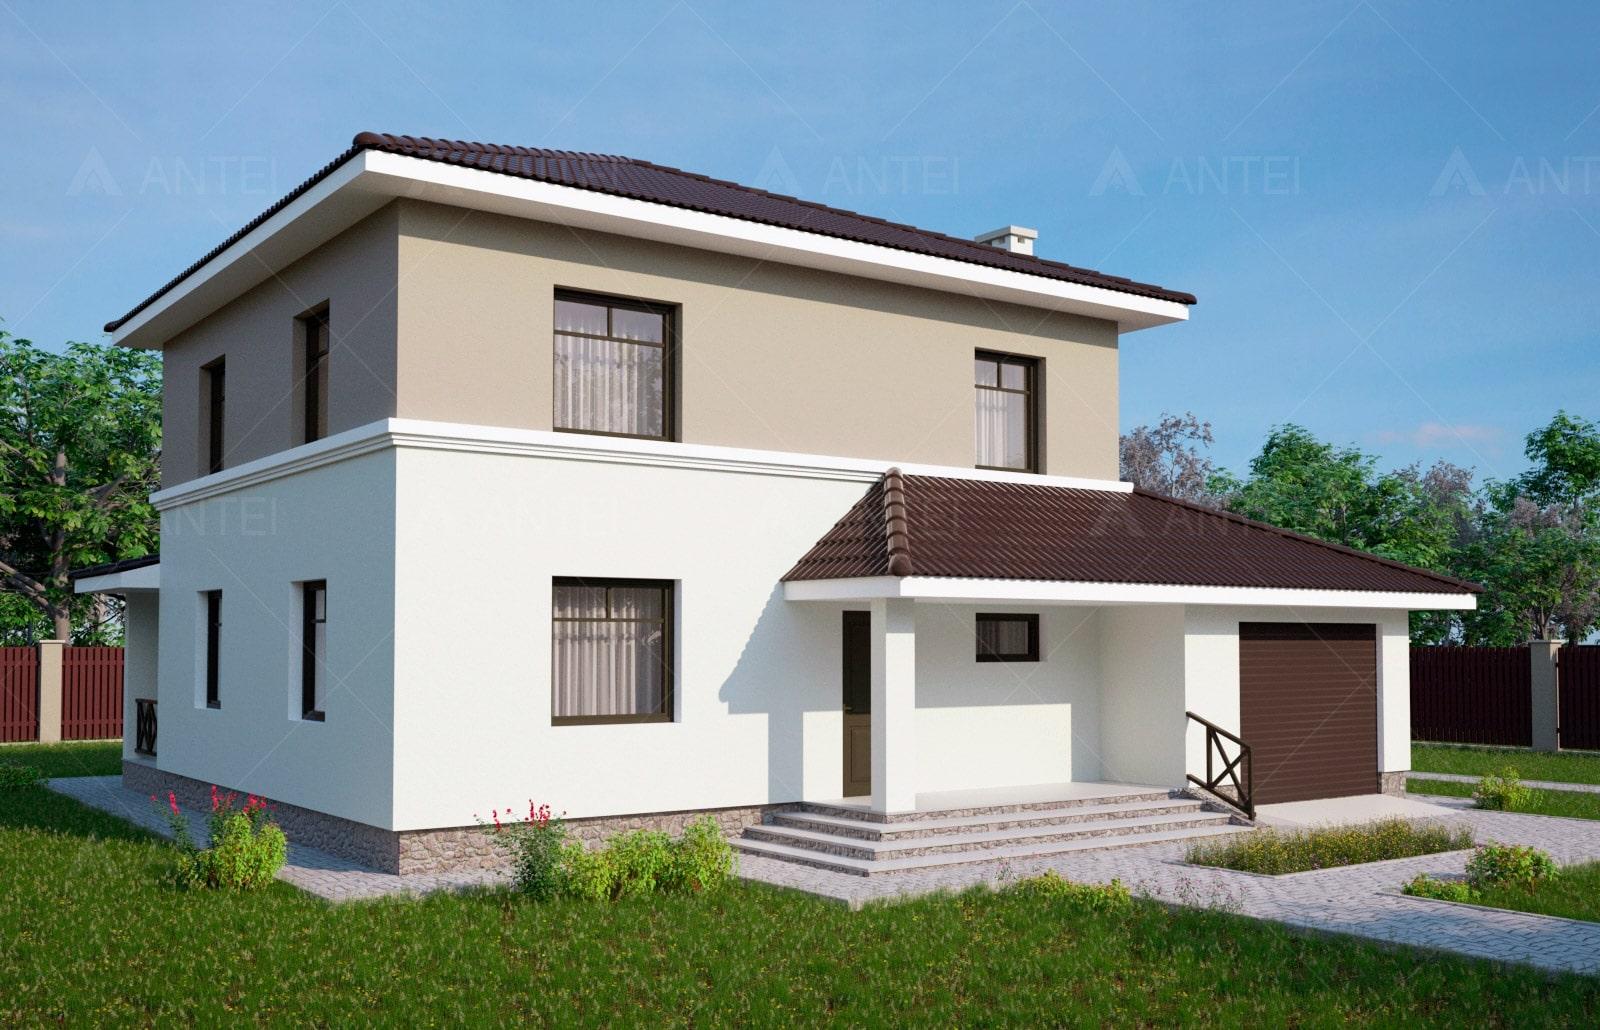 Проект двухэтажного дома с гаражом и террасой «КД-25» - фото №2